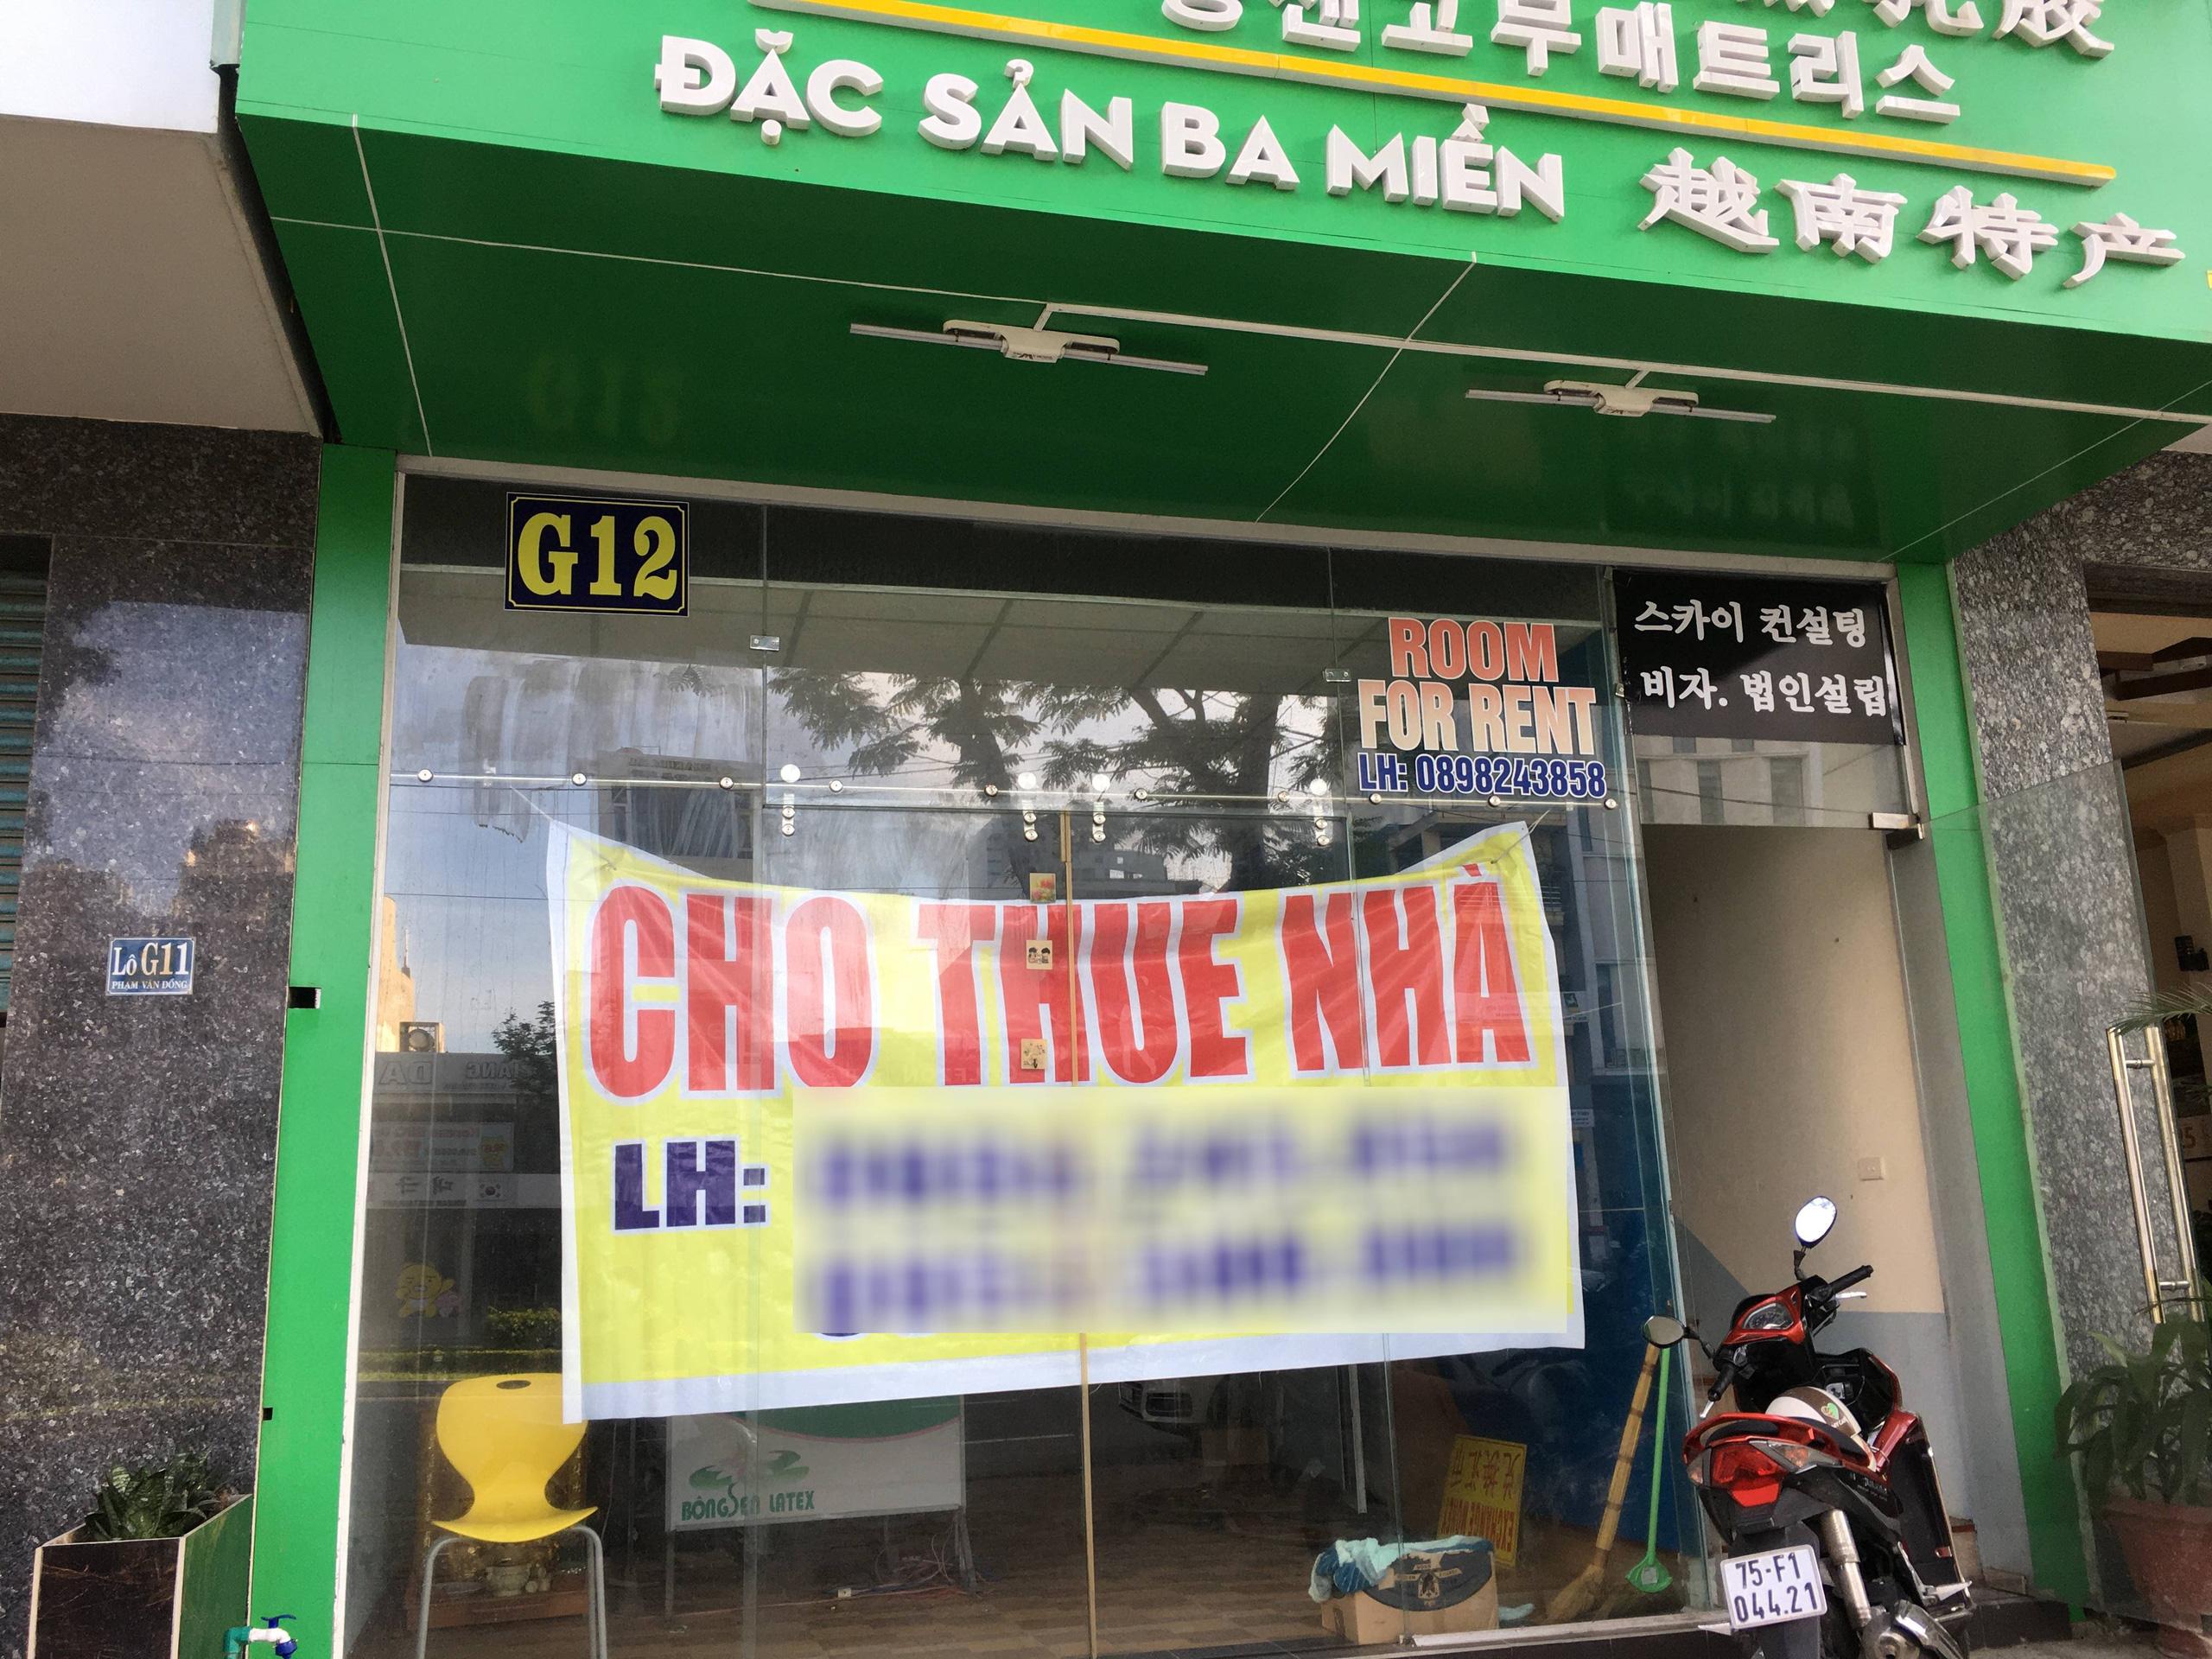 Cận Tết, người dân Đà Nẵng treo bảng cho thuê mặt bằng hàng loạt ven biển nhưng ế ẩm - Ảnh 5.